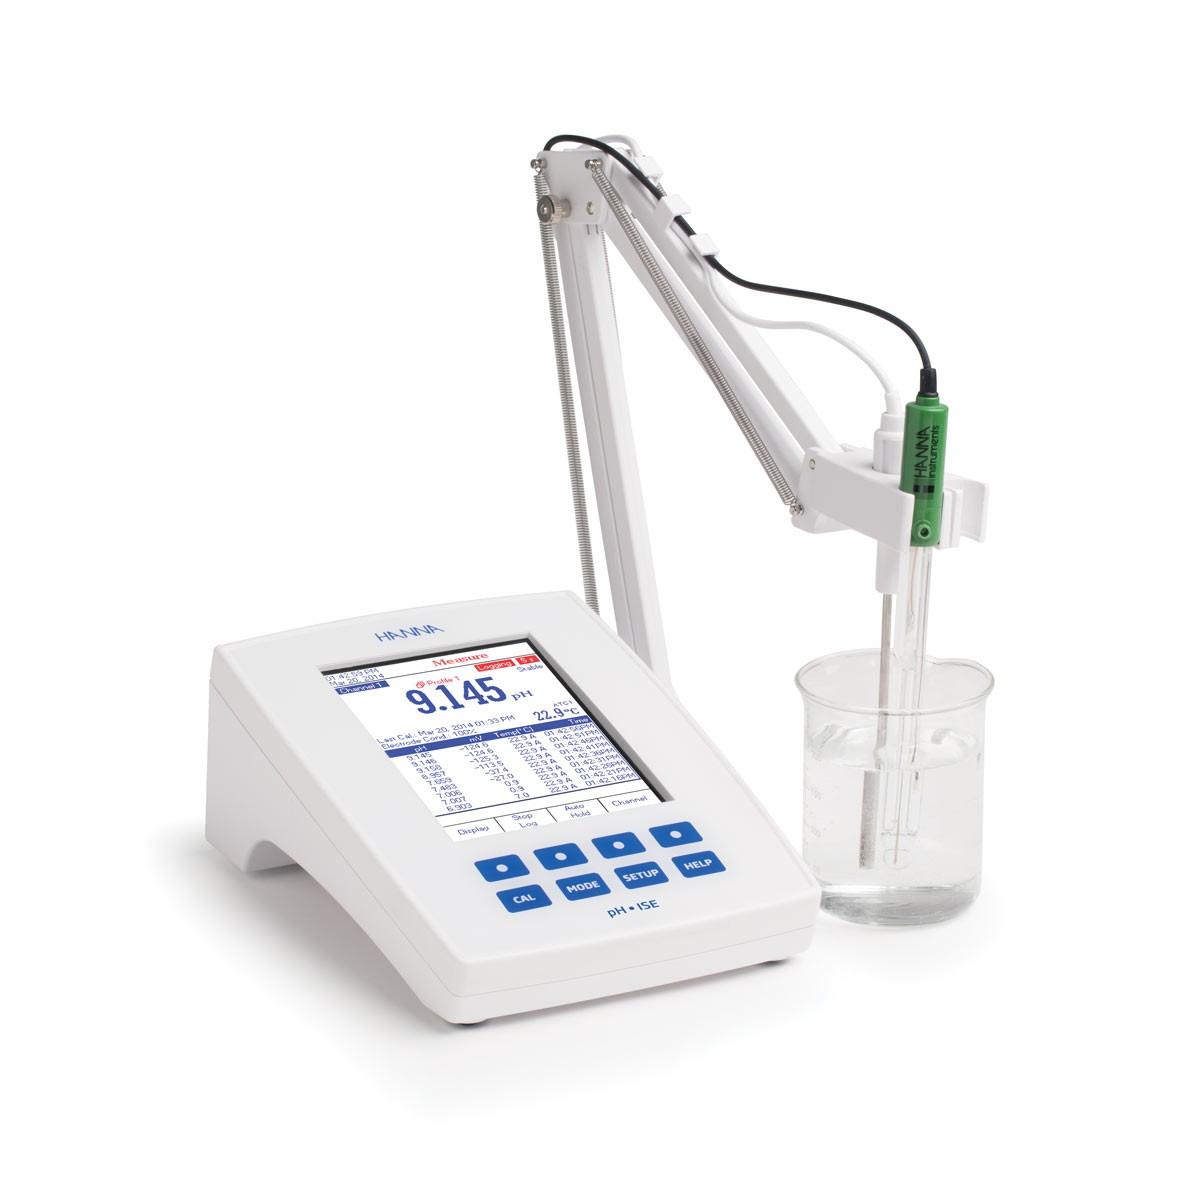 HI5222-02 - Laboratuvar Araştırma Sınıfı Masaüstü pH / mV / ISE Ölçer